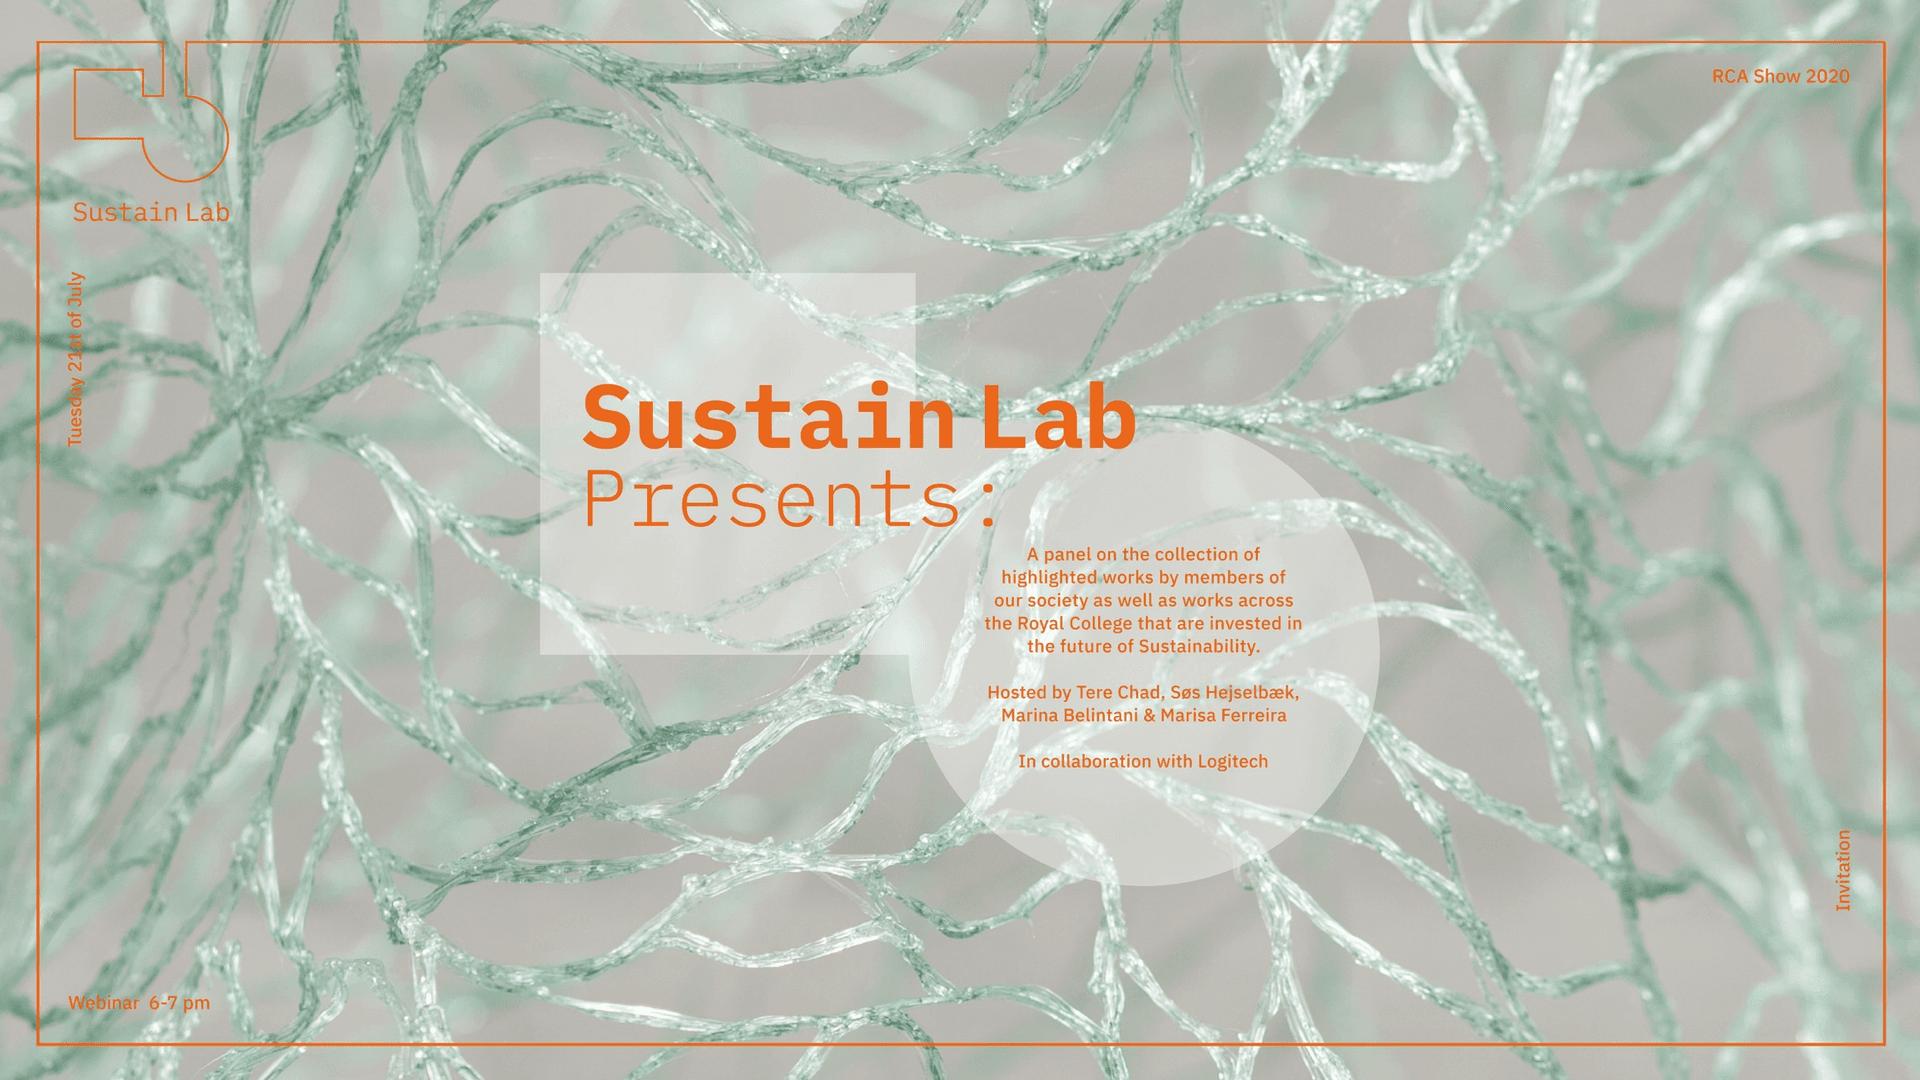 Sustain Lab